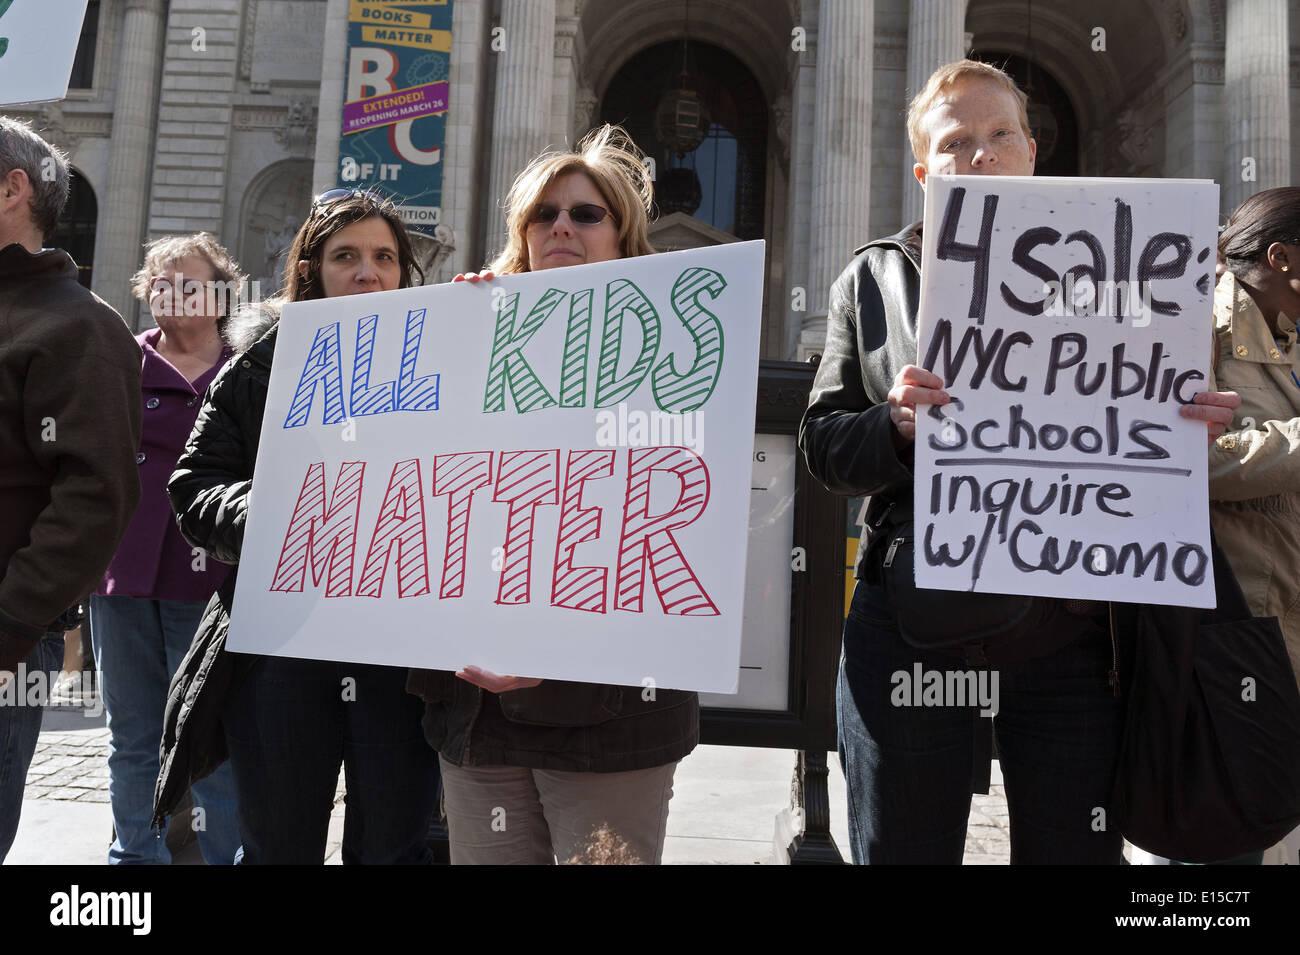 nyc public schools